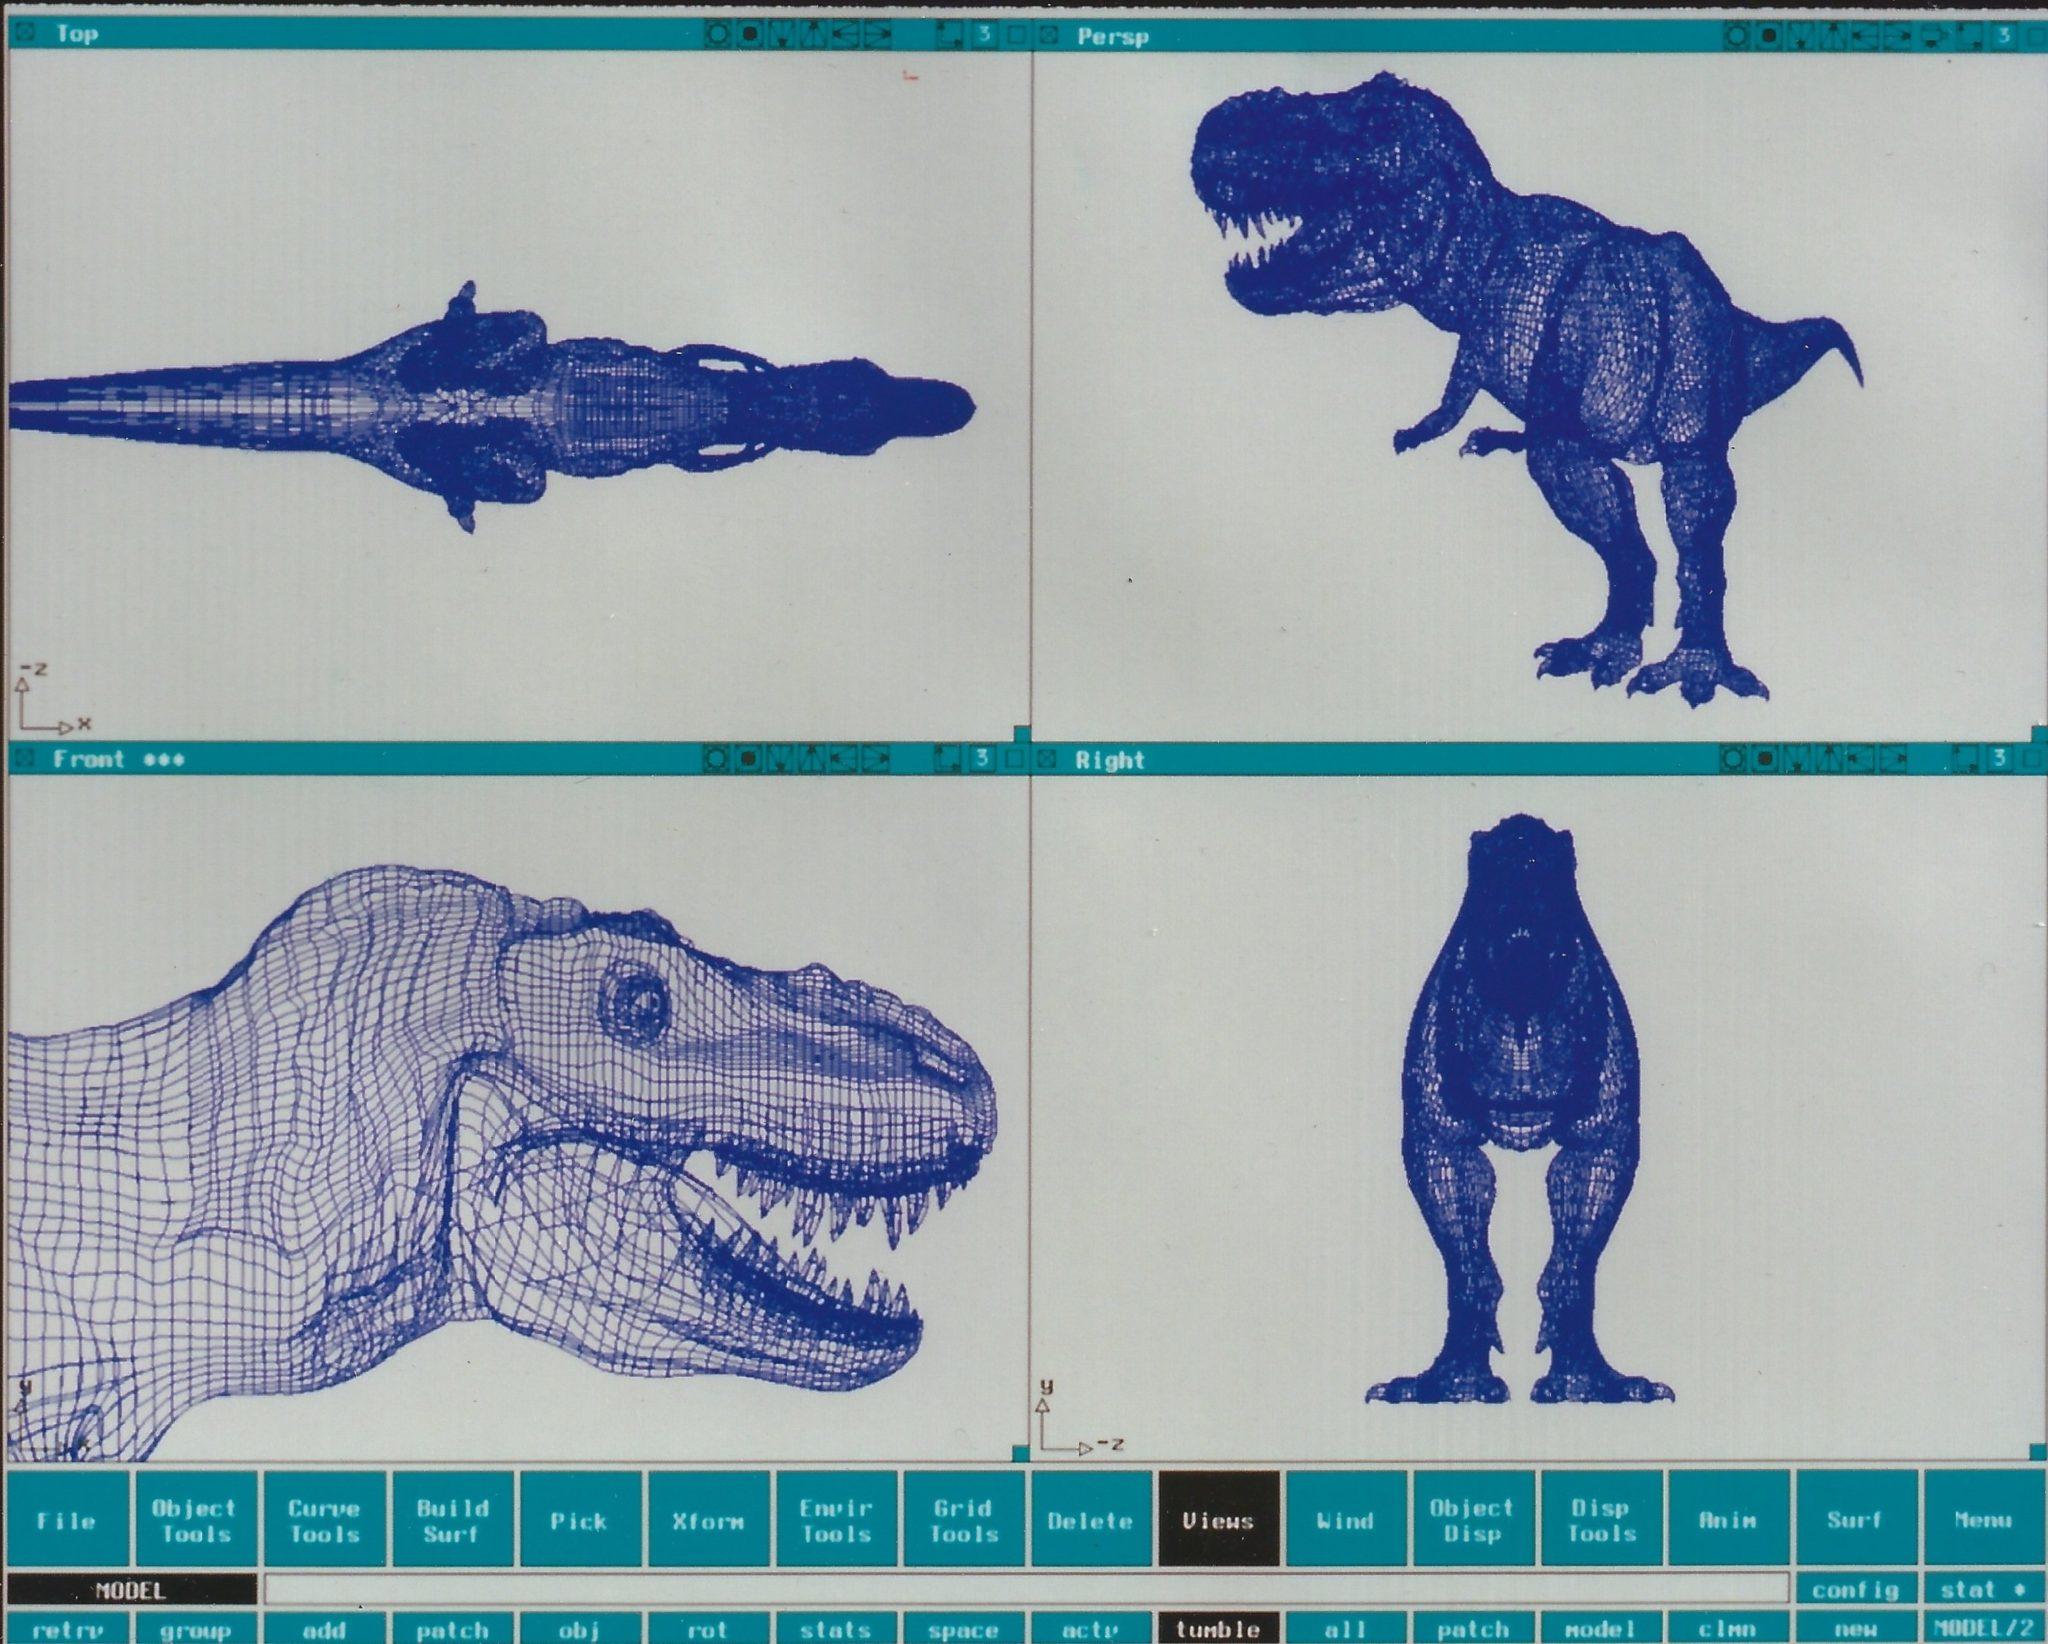 Modelo pré renderizado de um dinossauro